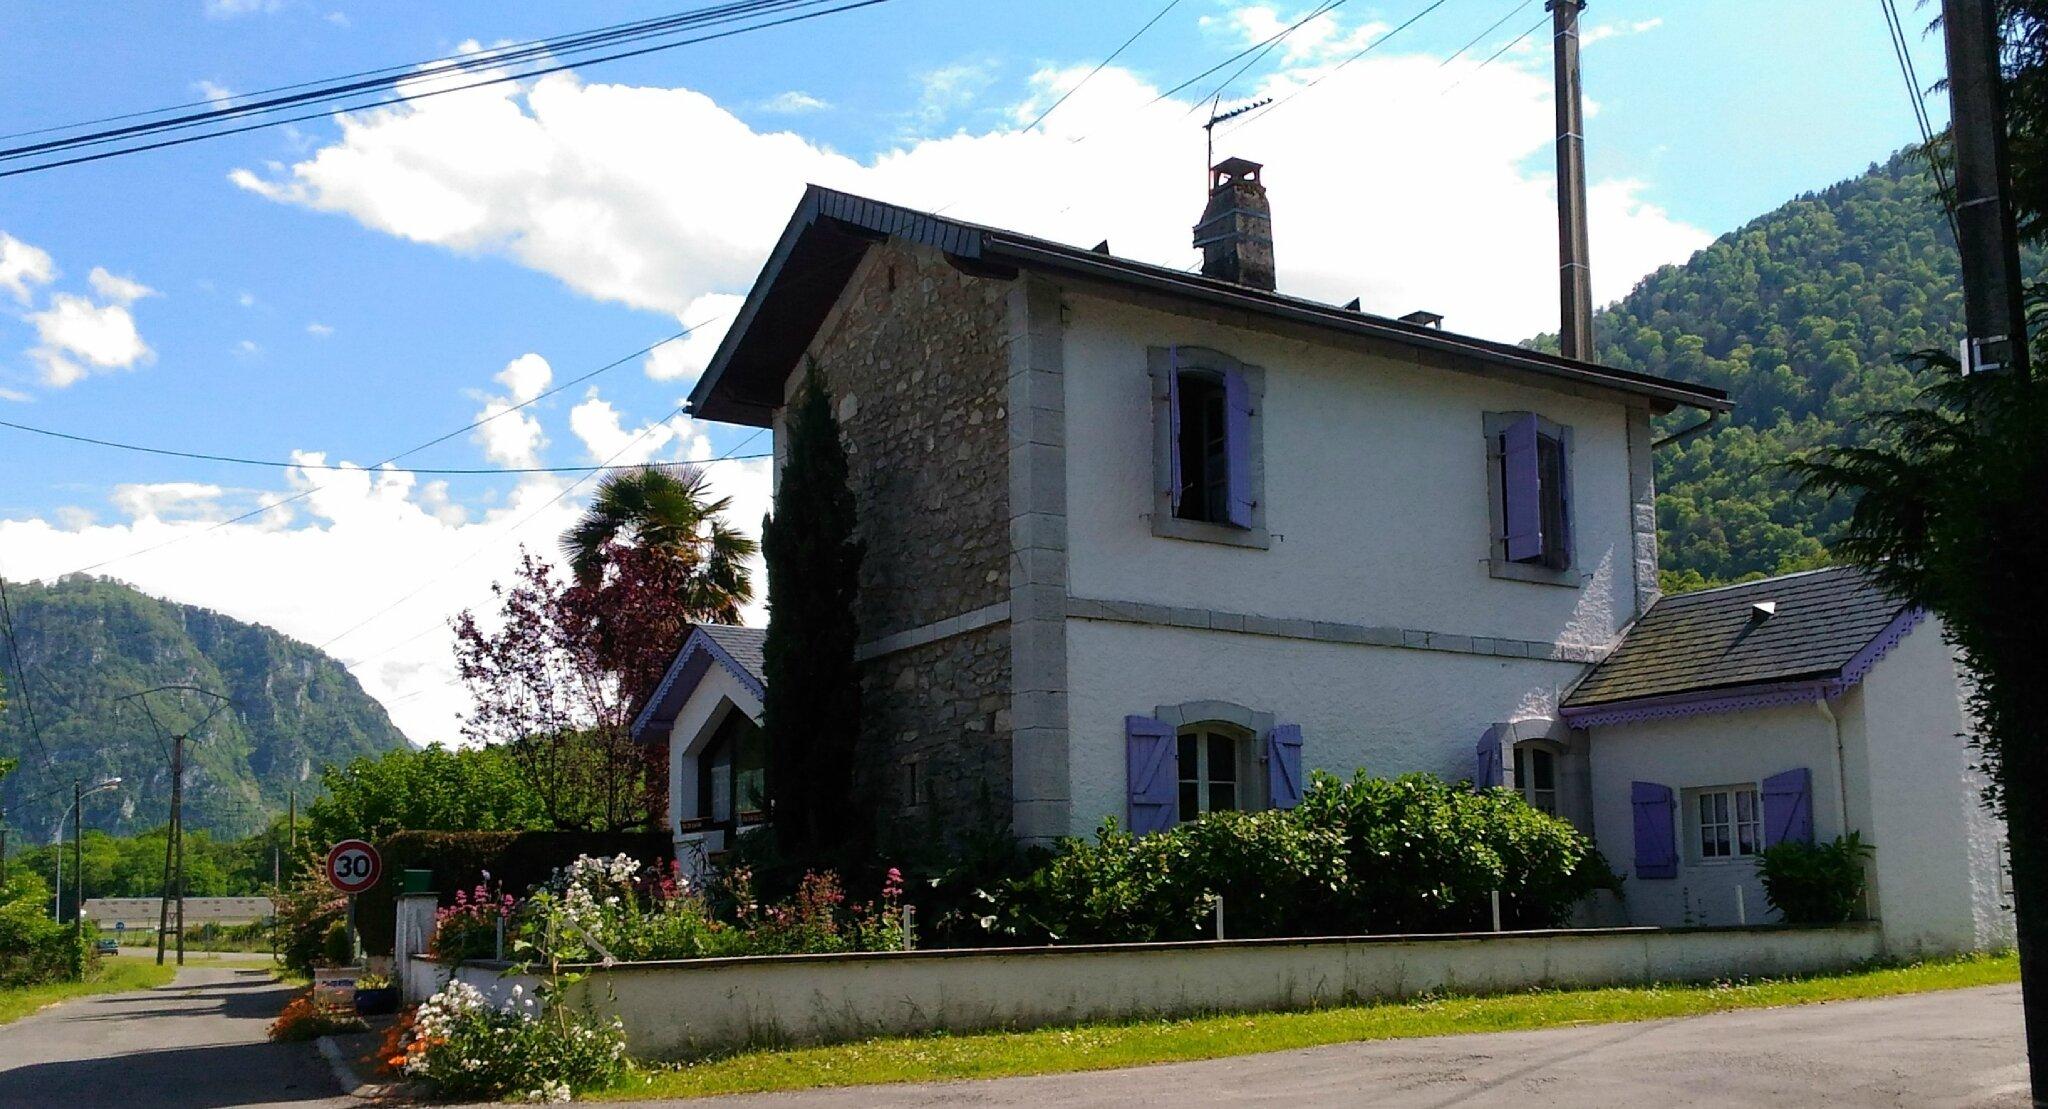 Izeste - Louvie-Juzon (Pyrénées-Atlantiques - 64)